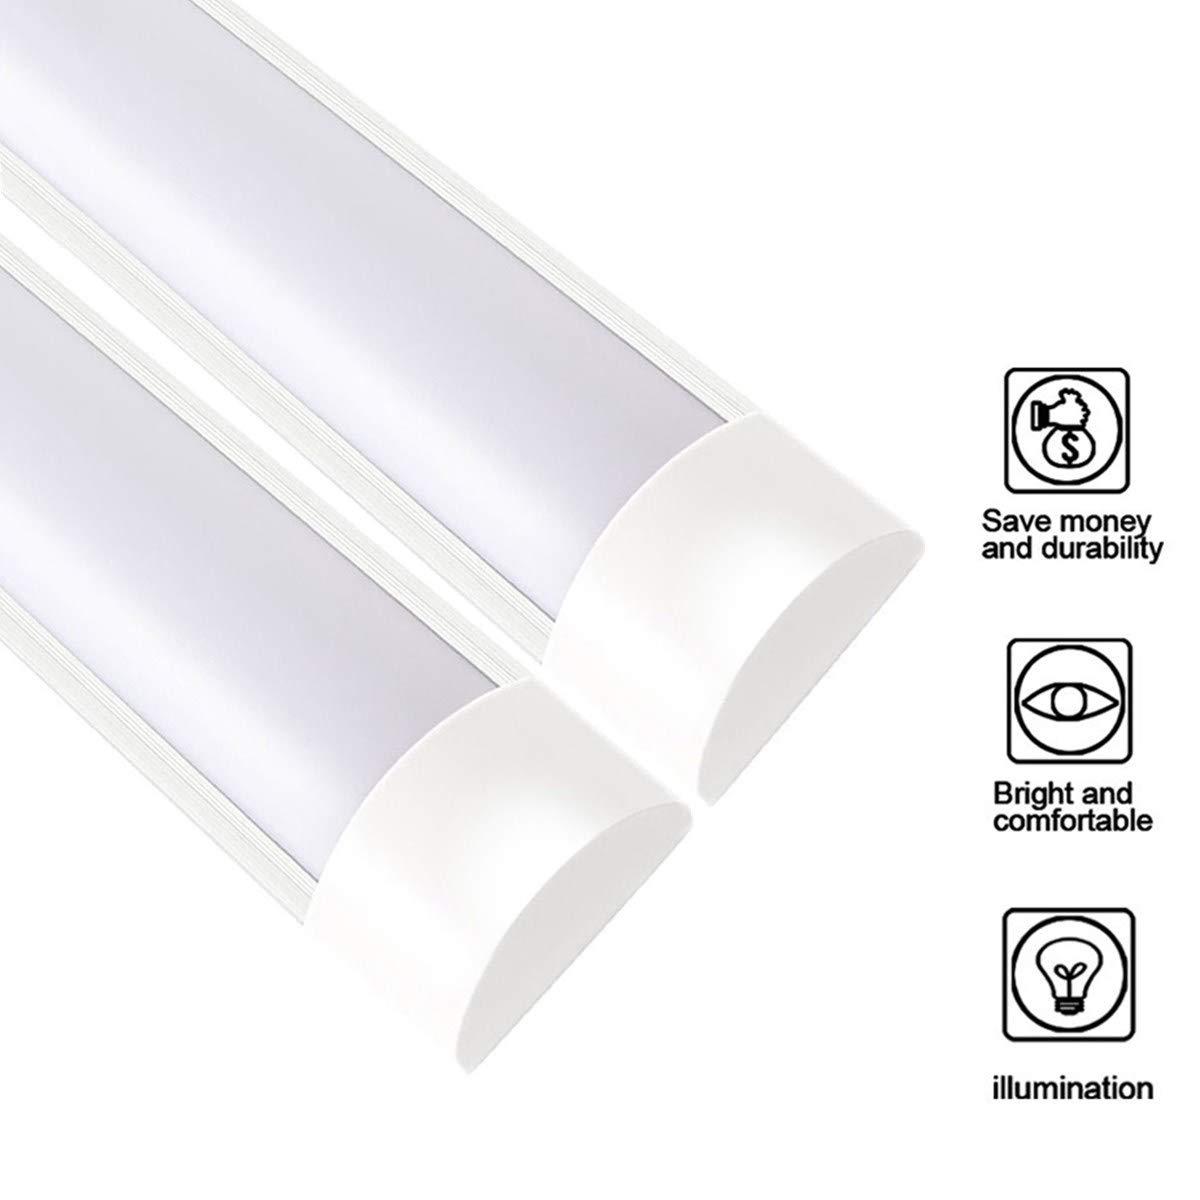 XYD 2 PCS 10W 30cm LED Tube Lights T10 3000K White Warm 1200lm IP65 Tubi Fluorescenti Impermeabili Lampade Da Parete Per Home Office Corridoio Officina